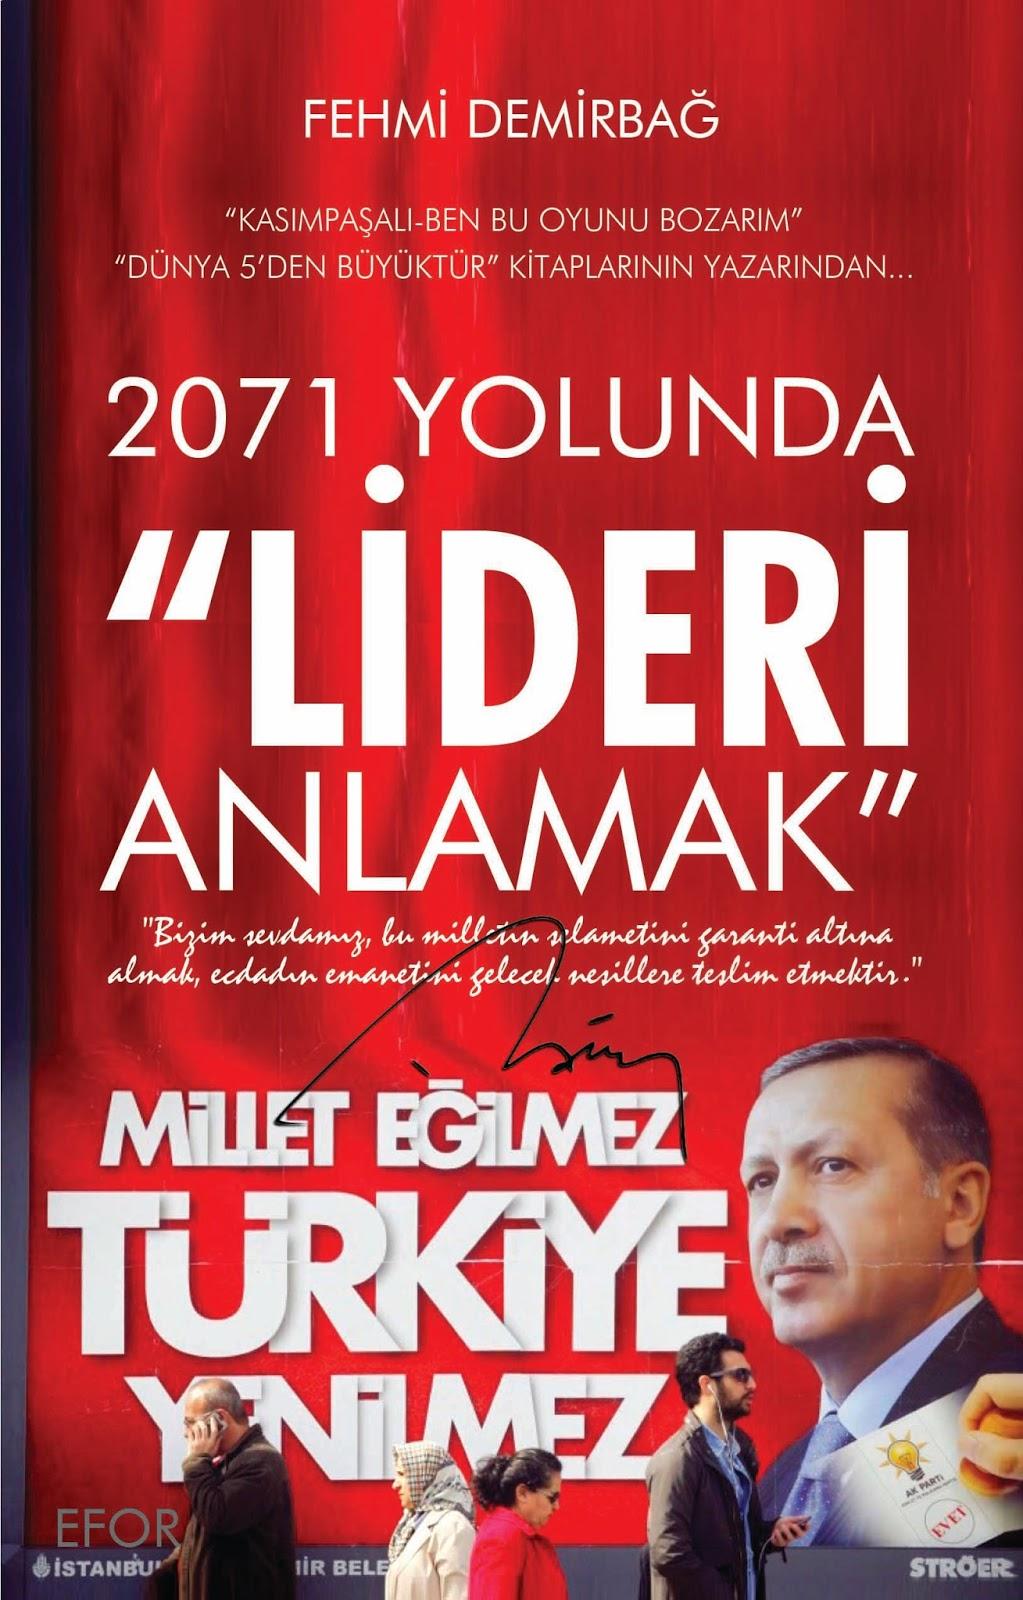 Türkiye söylemde ne olursa olsun eylemde ABDyle yakınlığı tercih eder